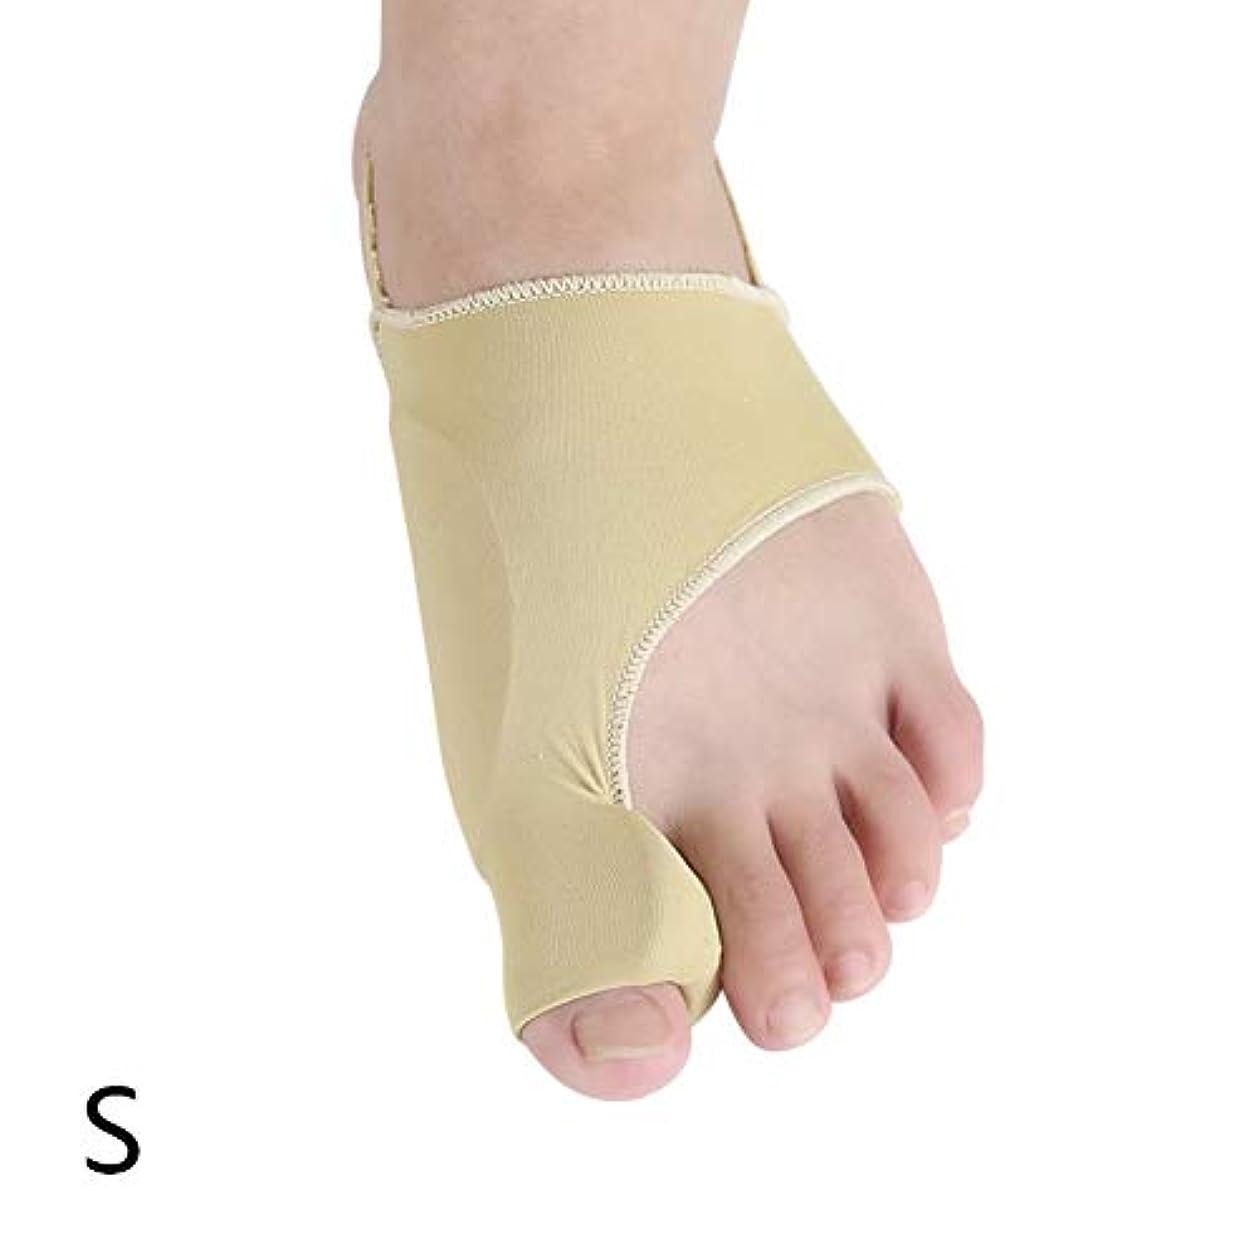 Esolom 男性と女性のつま先プロテクター 親指外反矯正 大骨矯正ベルト つま先セパレーター 毎日の使用 つま先の分離保護 フットケアツール